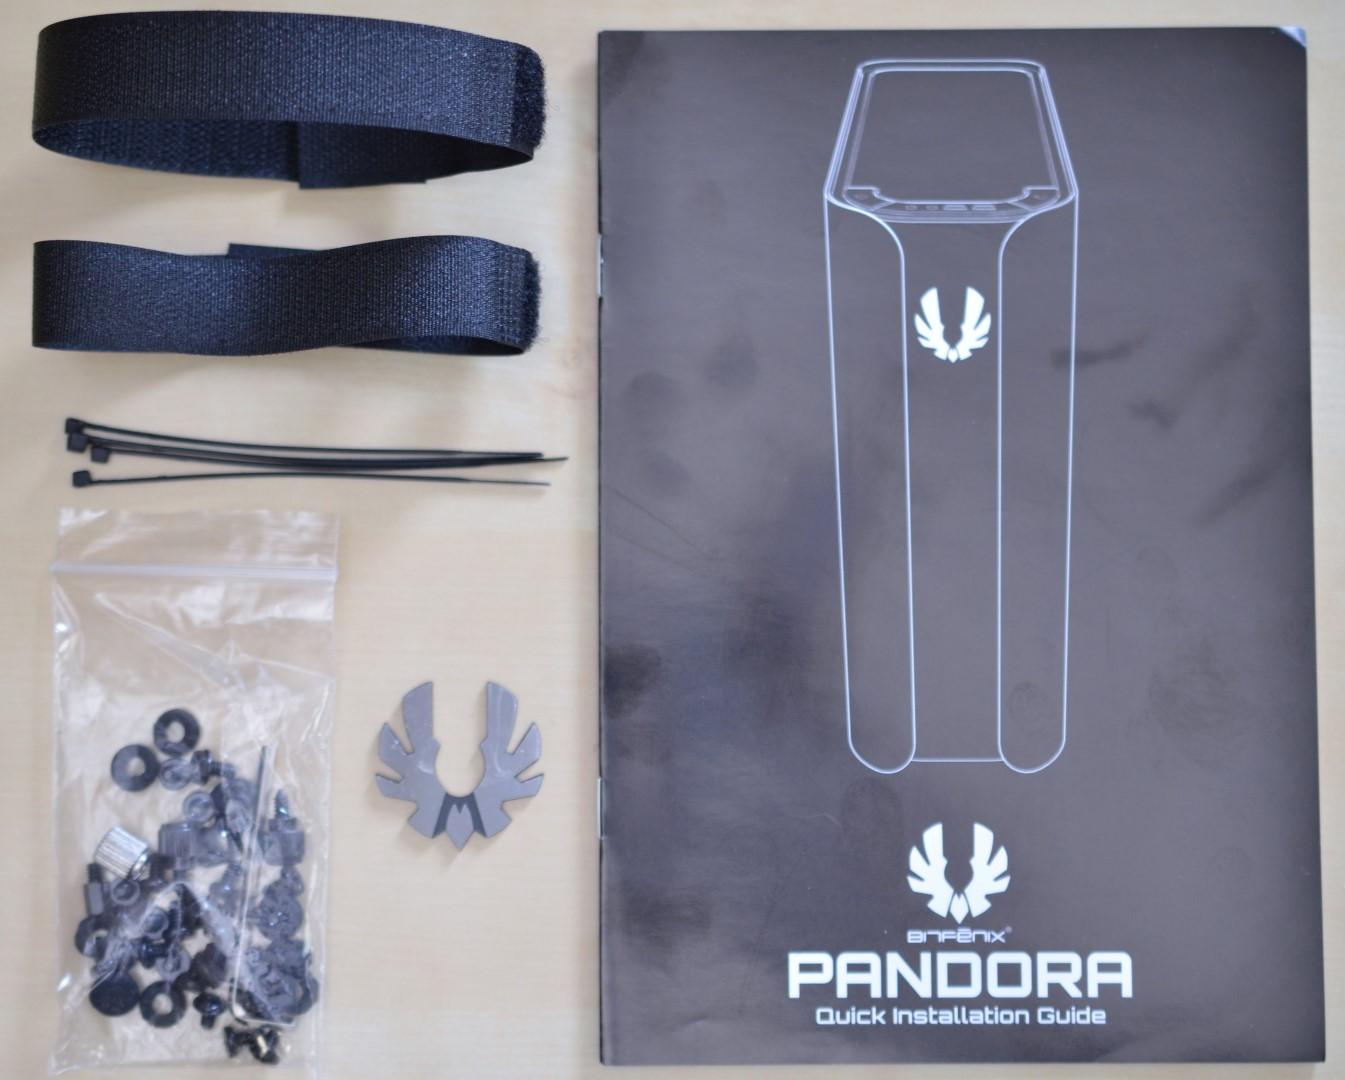 pandora-hardware.jpg